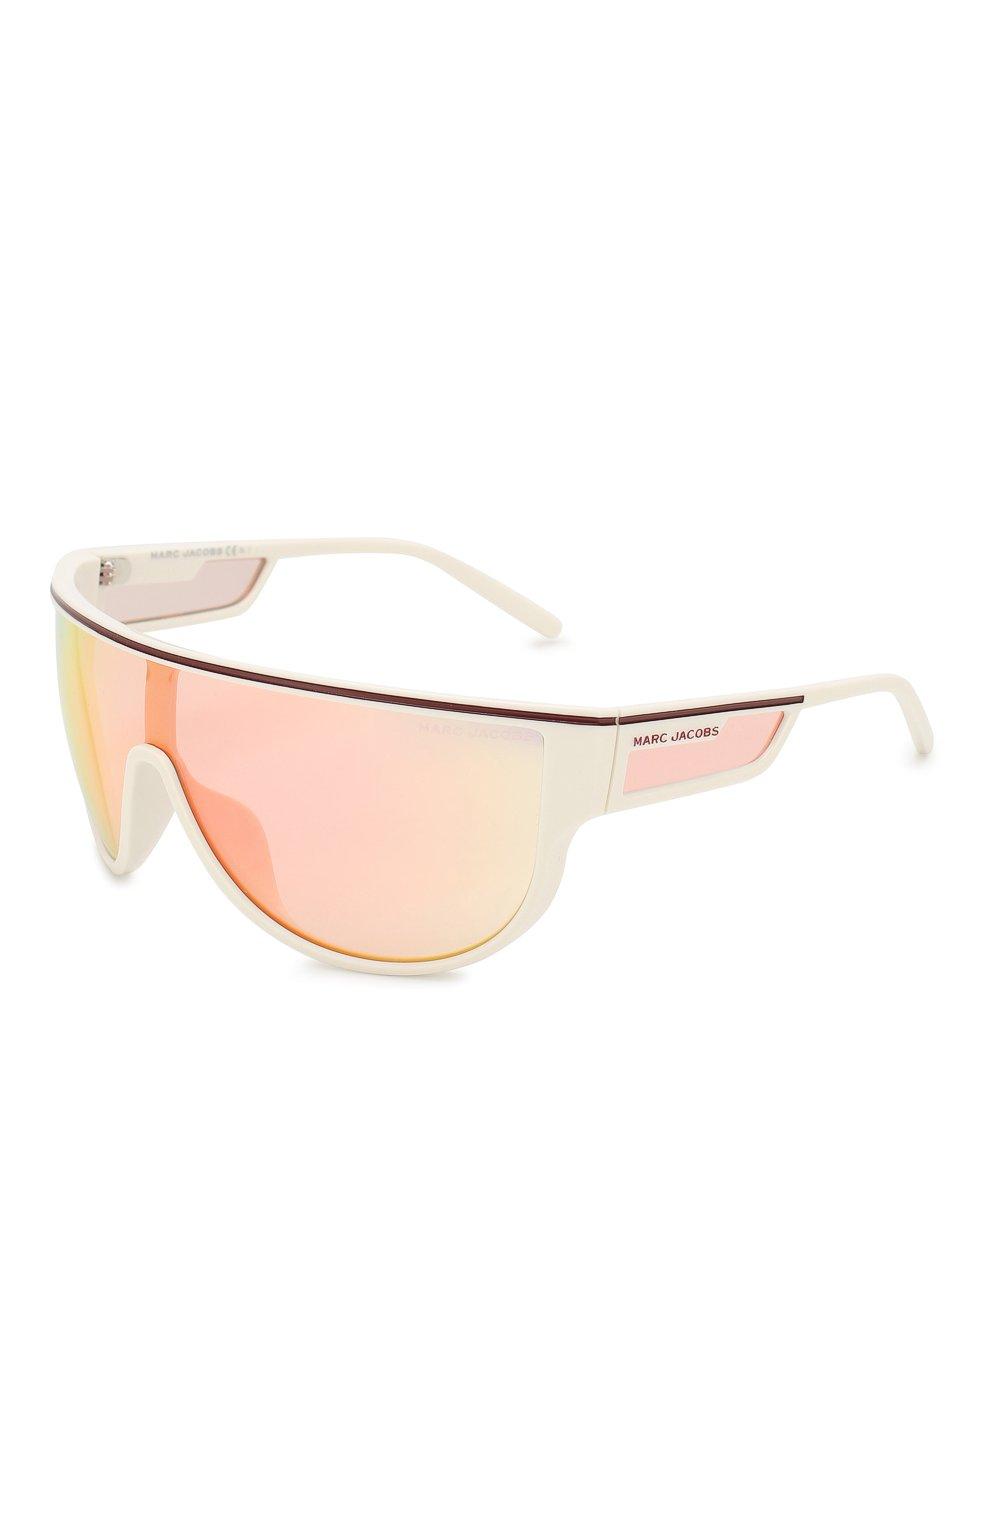 Женские солнцезащитные очки MARC JACOBS (THE) белого цвета, арт. MARC 410 VK6 | Фото 1